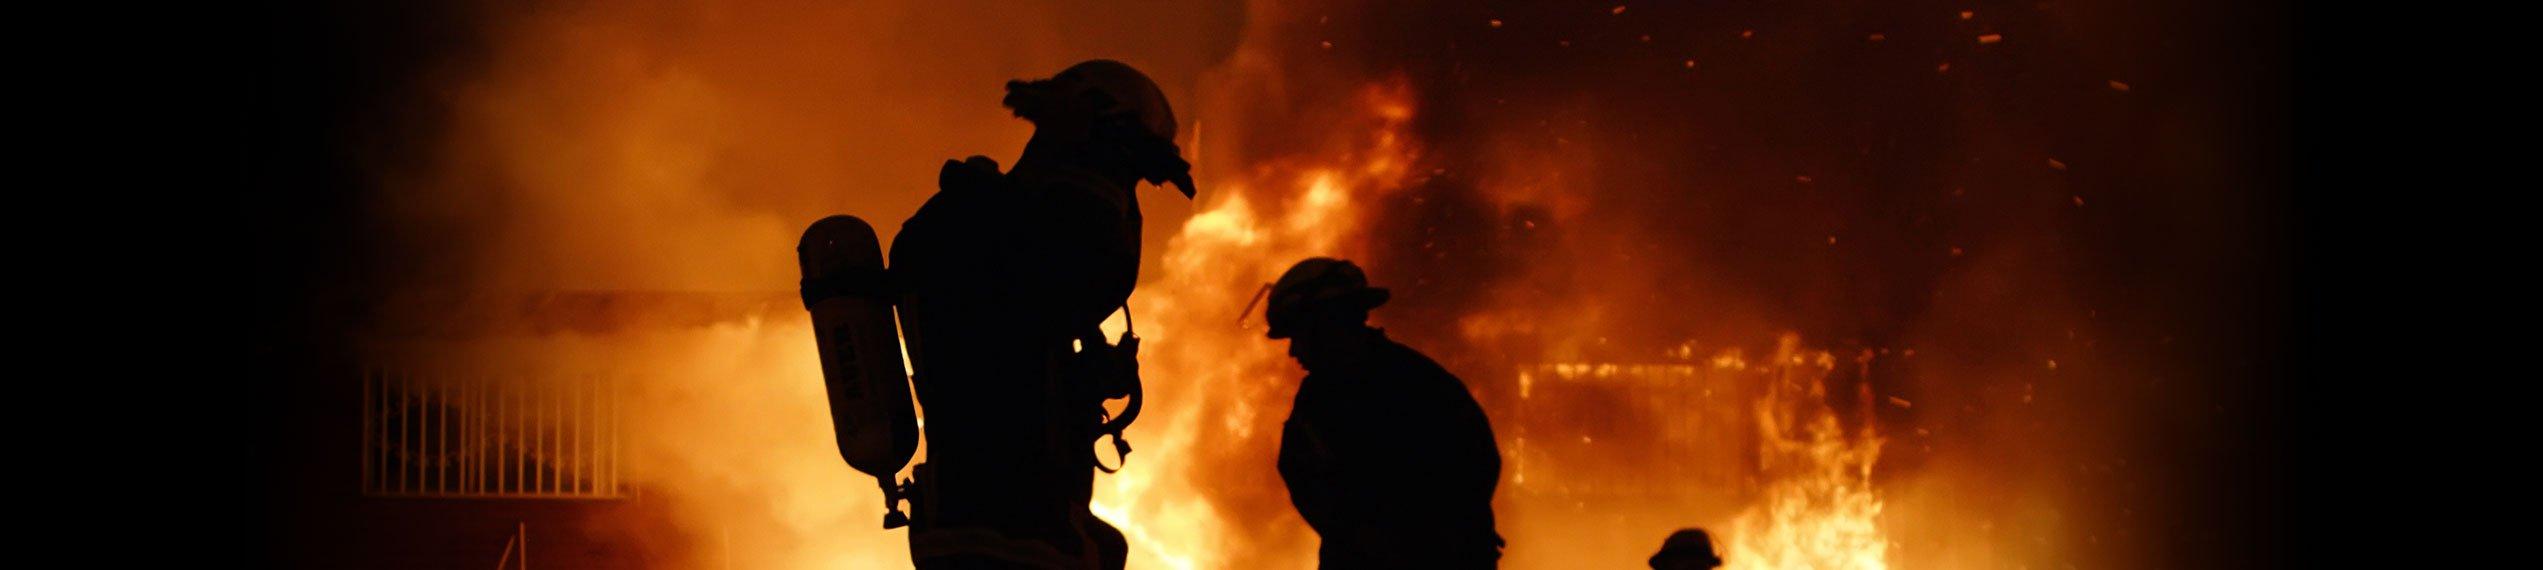 Fire & Smoke Damage Removal in Paul Davis Emergency Services of West Huntsville AL